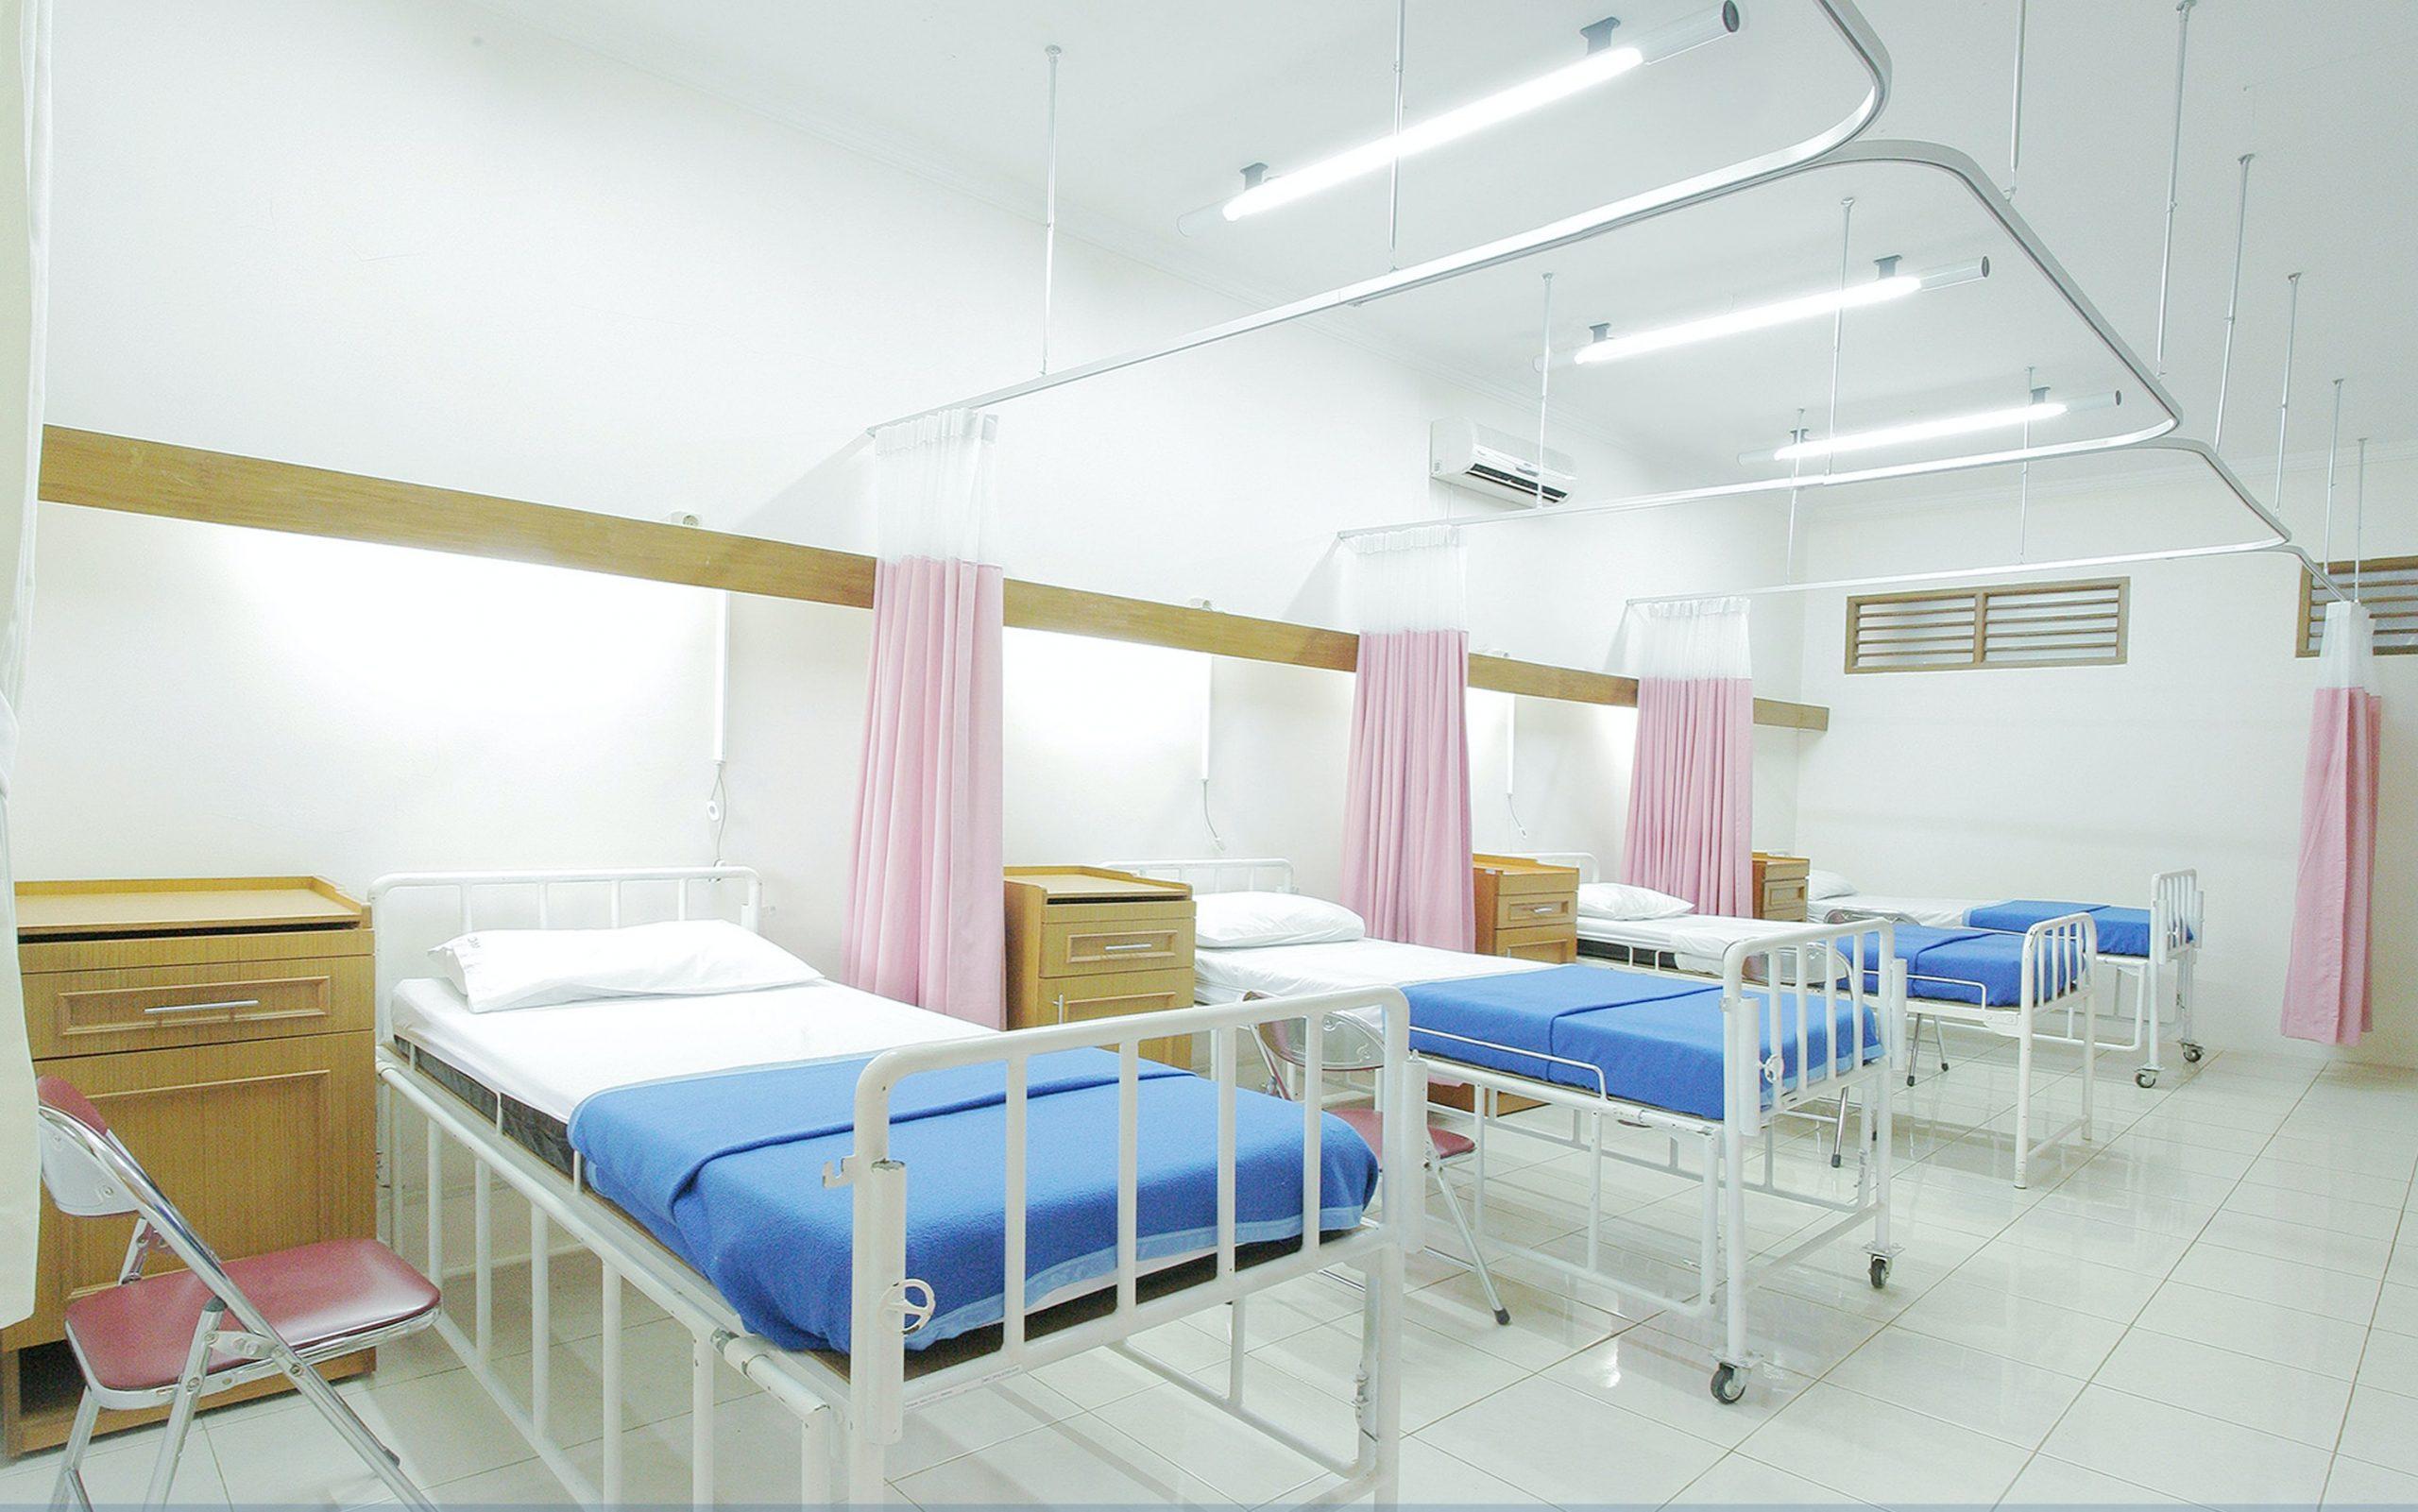 病院経営に欠かせないコスト削減アイデアを紹介。医療の質を下げずに赤字経営から脱却するには?